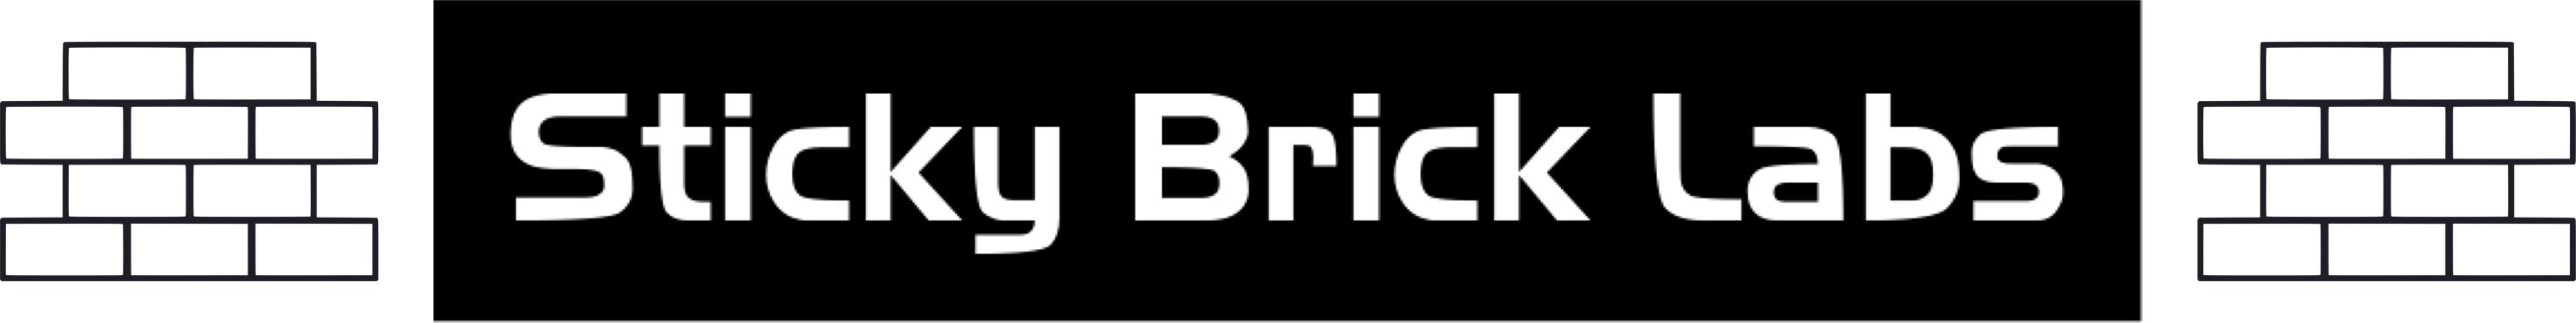 Sticky Brick Labs